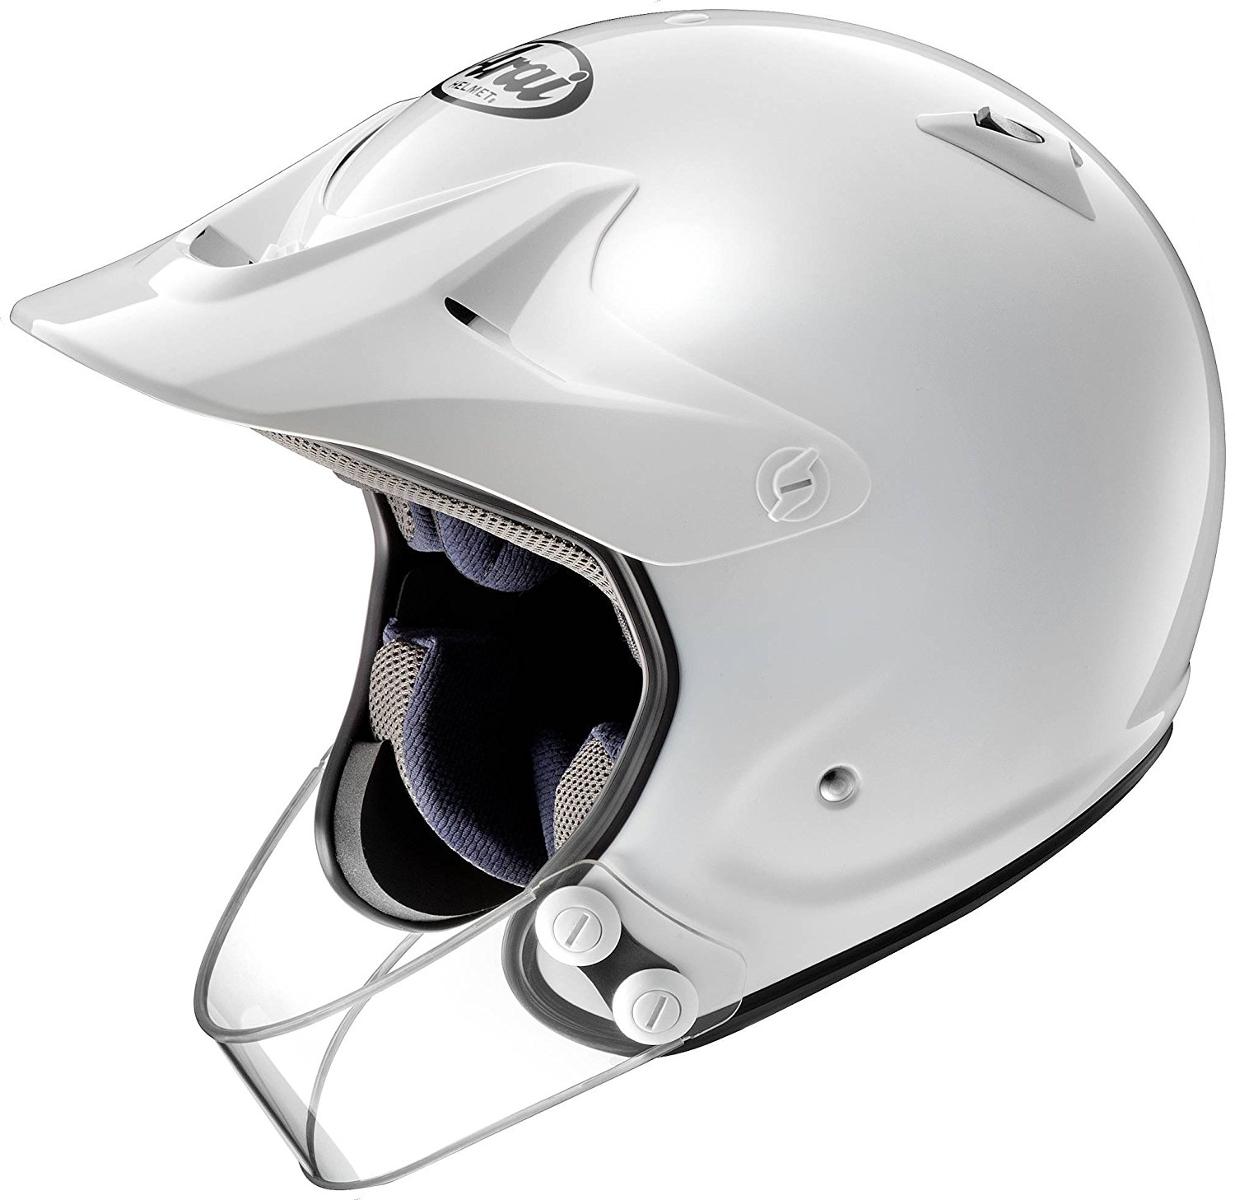 ARAI アライ オフロードヘルメット HYPER-T PRO (ハイパー T プロ) ホワイト Mサイズ 57-58cm